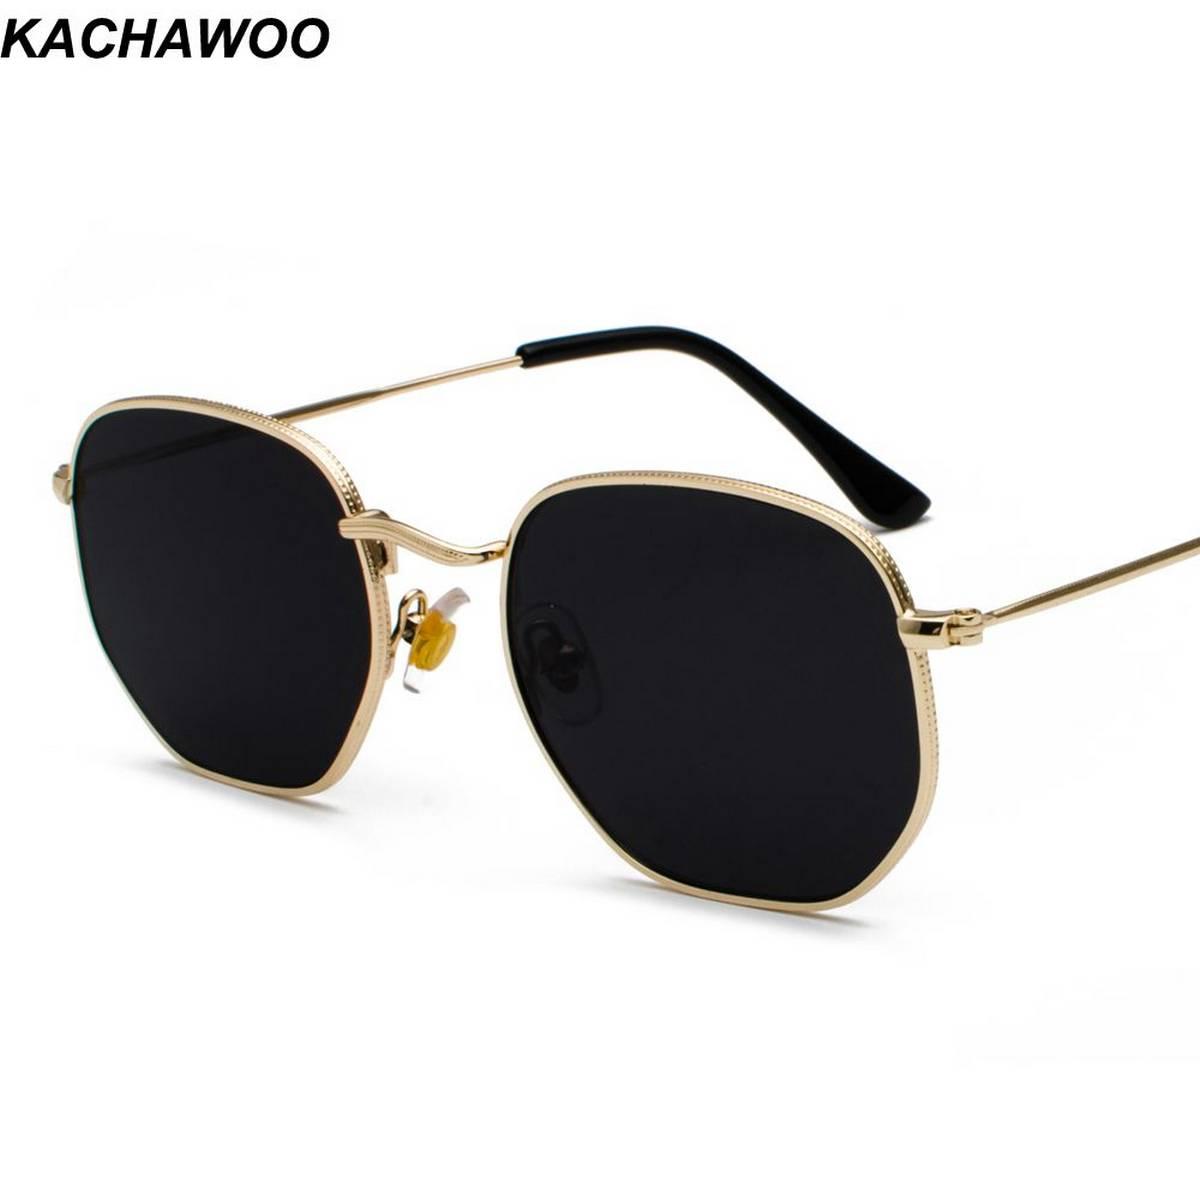 Round Black Style Black Frame Glasses For Men And Women